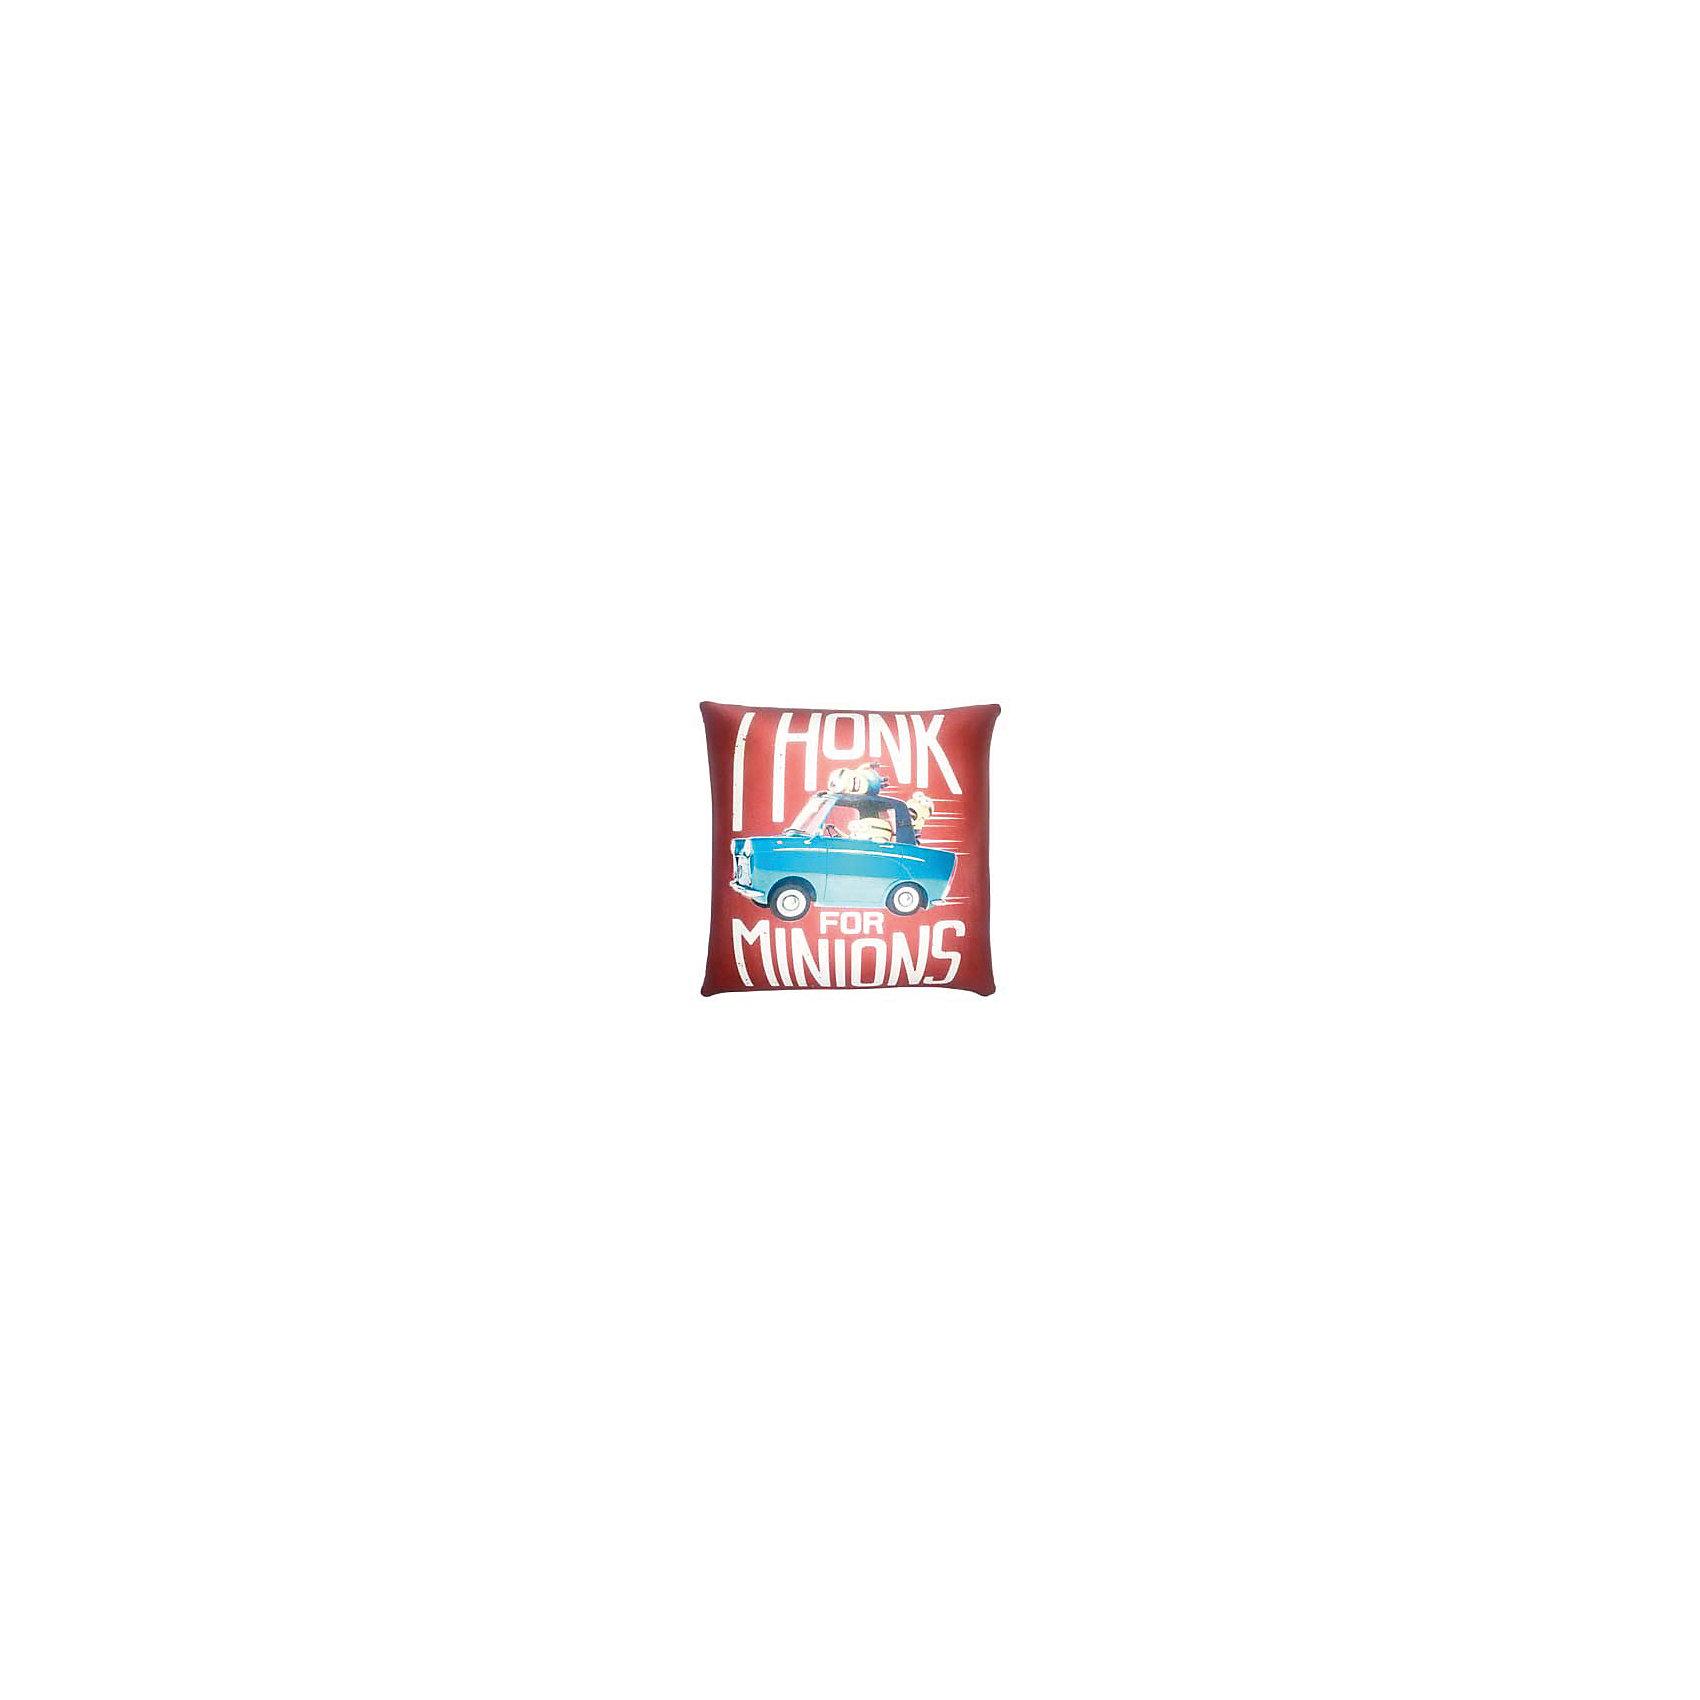 Подушка антистресс Миньоны сигналят 31 смМиньоны<br>Характеристики товара:<br><br>• цвет: коричневый<br>• размер: 11х31х31см<br>• возраст: с 3 лет<br>• материал: трикотаж, наполнитель - полистирол.<br>• страна бренда: Россия<br>• вес: 0,2 кг<br><br>Мягкая подушка с красочным дизайном украшена изображением забавных существ миньонов из популярного мультфильма Гадкий Я (Despicable Me). <br><br>Гладкая поверхность подушки выполнена из эластичного прочного трикотажа, а внутри находятся мельчайшие гранулы полистирола, благодаря которым она всегда будет легкой, упругой и приятной на ощупь. <br><br>Подушку можно мять и сжимать, но она неизменно возвращает себе первоначальную форму. Можно стирать в стиральной машинке в специальном мешке для одежды.  <br><br>Подушку-антистресс Миньоны сигналят, Миньоны, можно купить в нашем интернет-магазине.<br><br>Ширина мм: 110<br>Глубина мм: 310<br>Высота мм: 310<br>Вес г: 90<br>Возраст от месяцев: 36<br>Возраст до месяцев: 2147483647<br>Пол: Унисекс<br>Возраст: Детский<br>SKU: 4148692